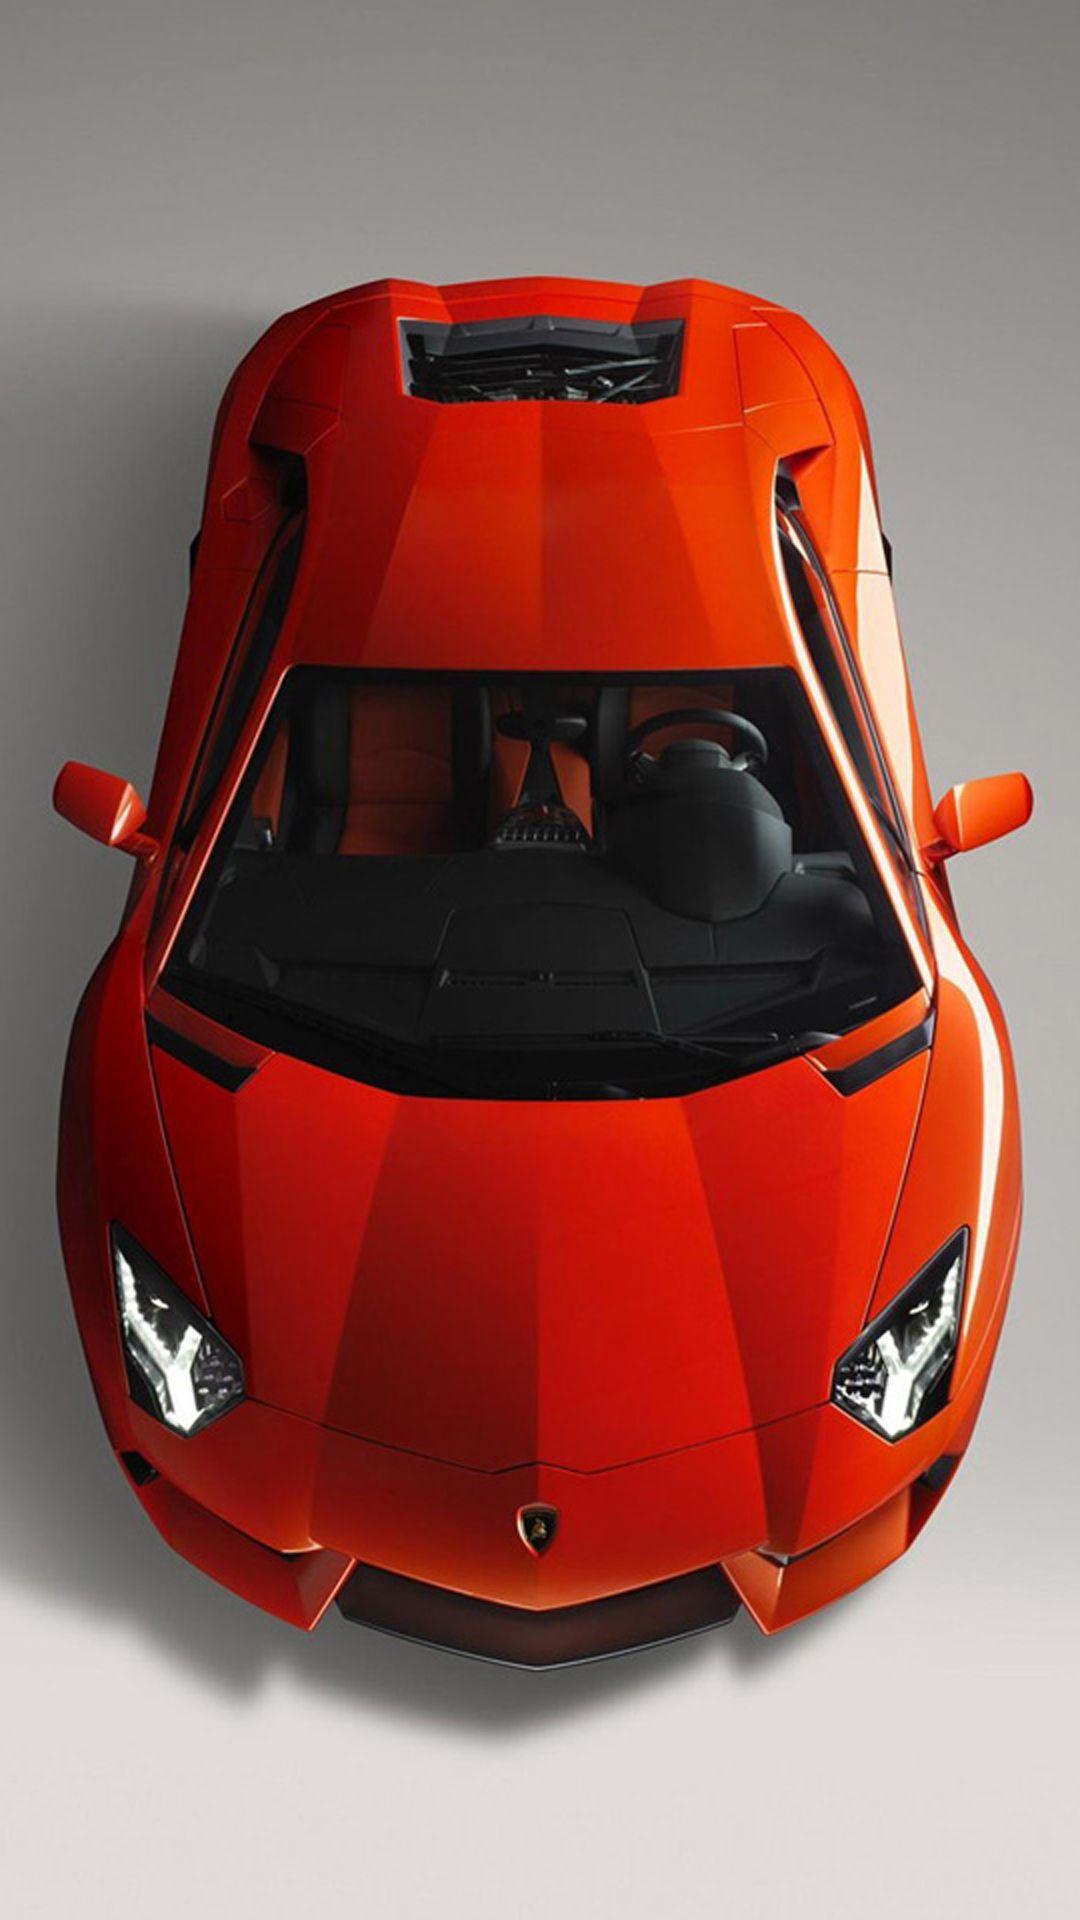 Lamborghini pictures 2012 aventador lp700 4 rabbioso - Lamborghini Aventador Lp 700 4 Looks Good